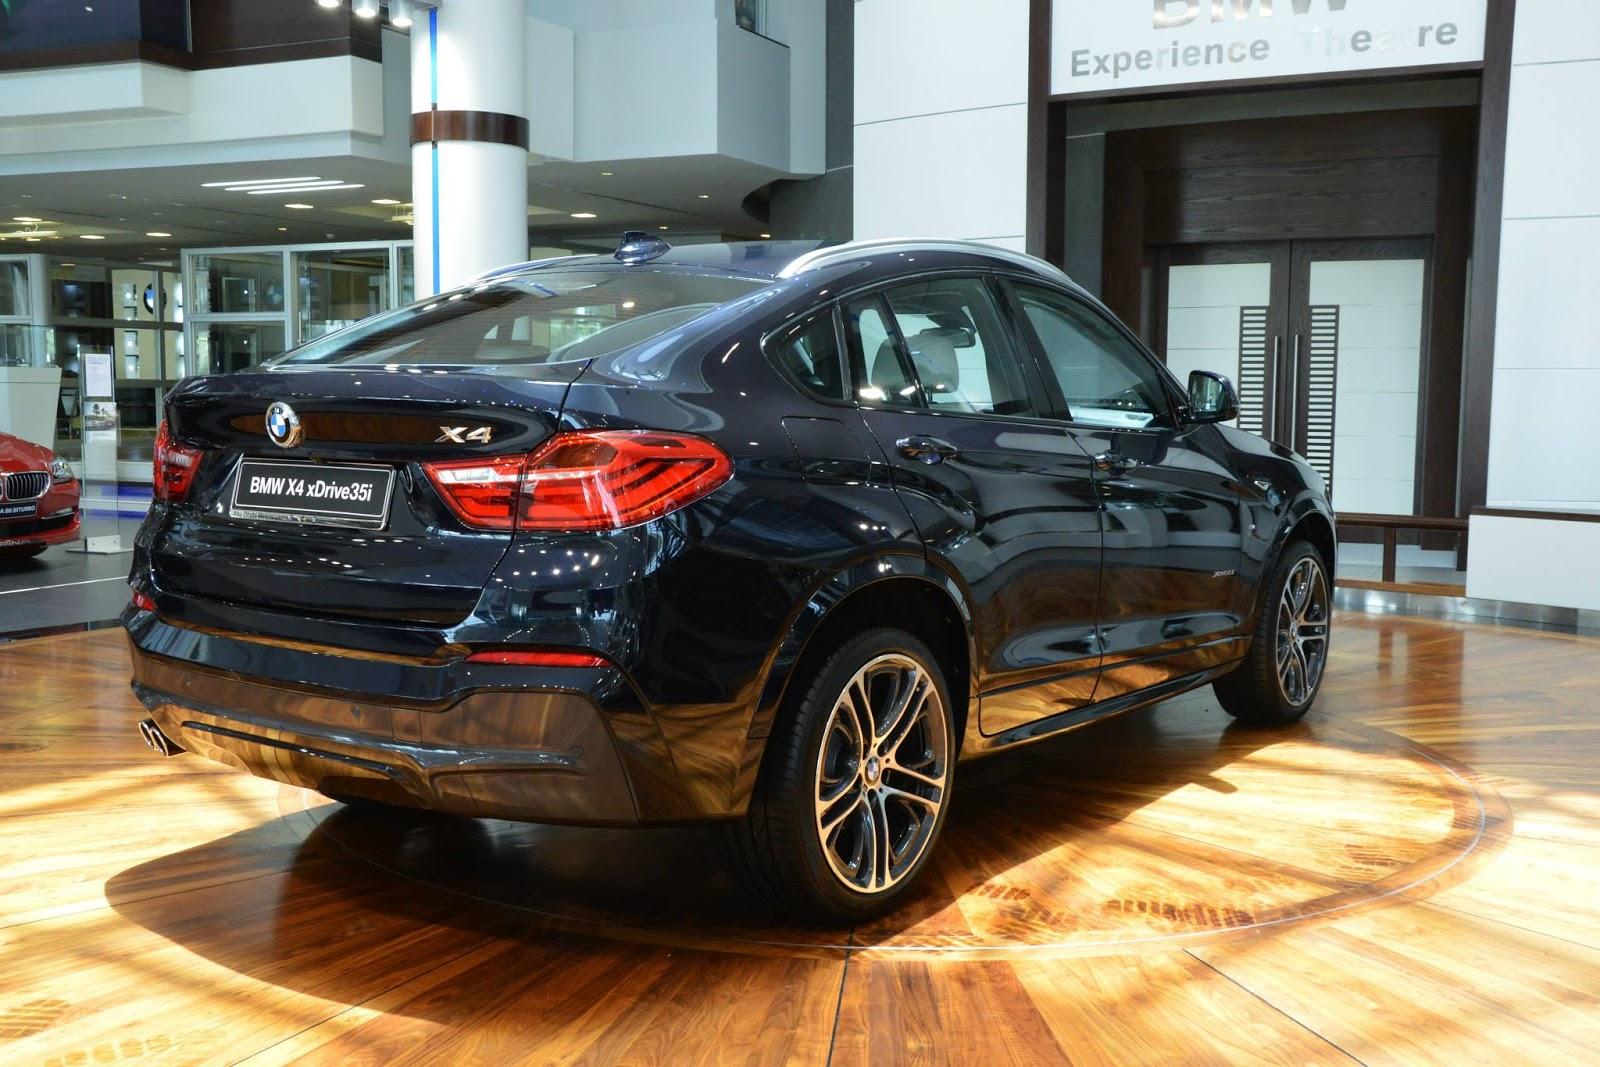 เปิดตัวชุดแต่ง Bmw X4 M Sports แบบ Carbon Fiber รถใหม่